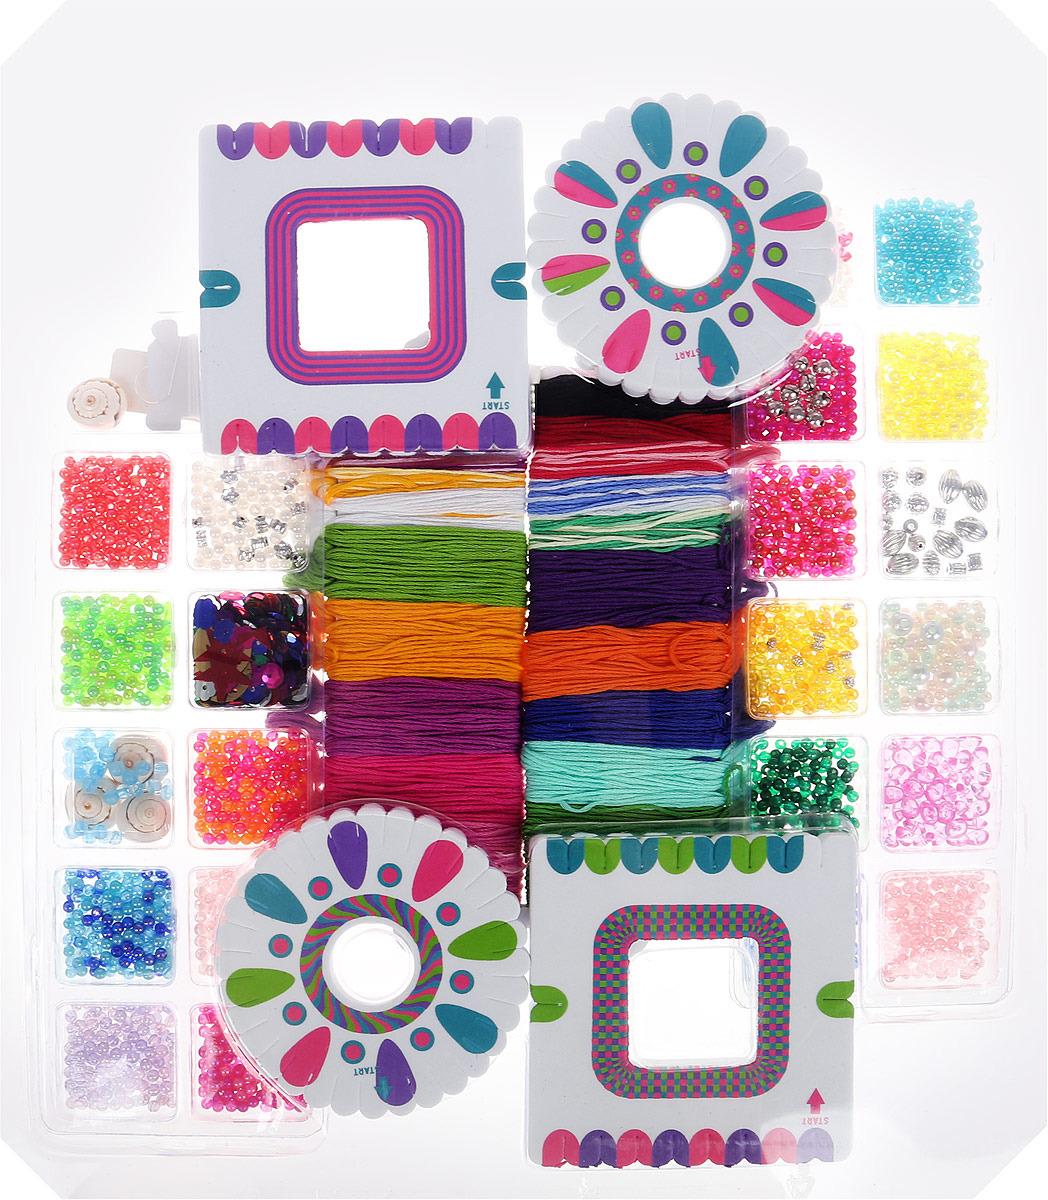 Набор для создания украшений Alex 40 браслетов-фенечек alex alex набор для творчества плетение браслетов фенечек неоновое сияние